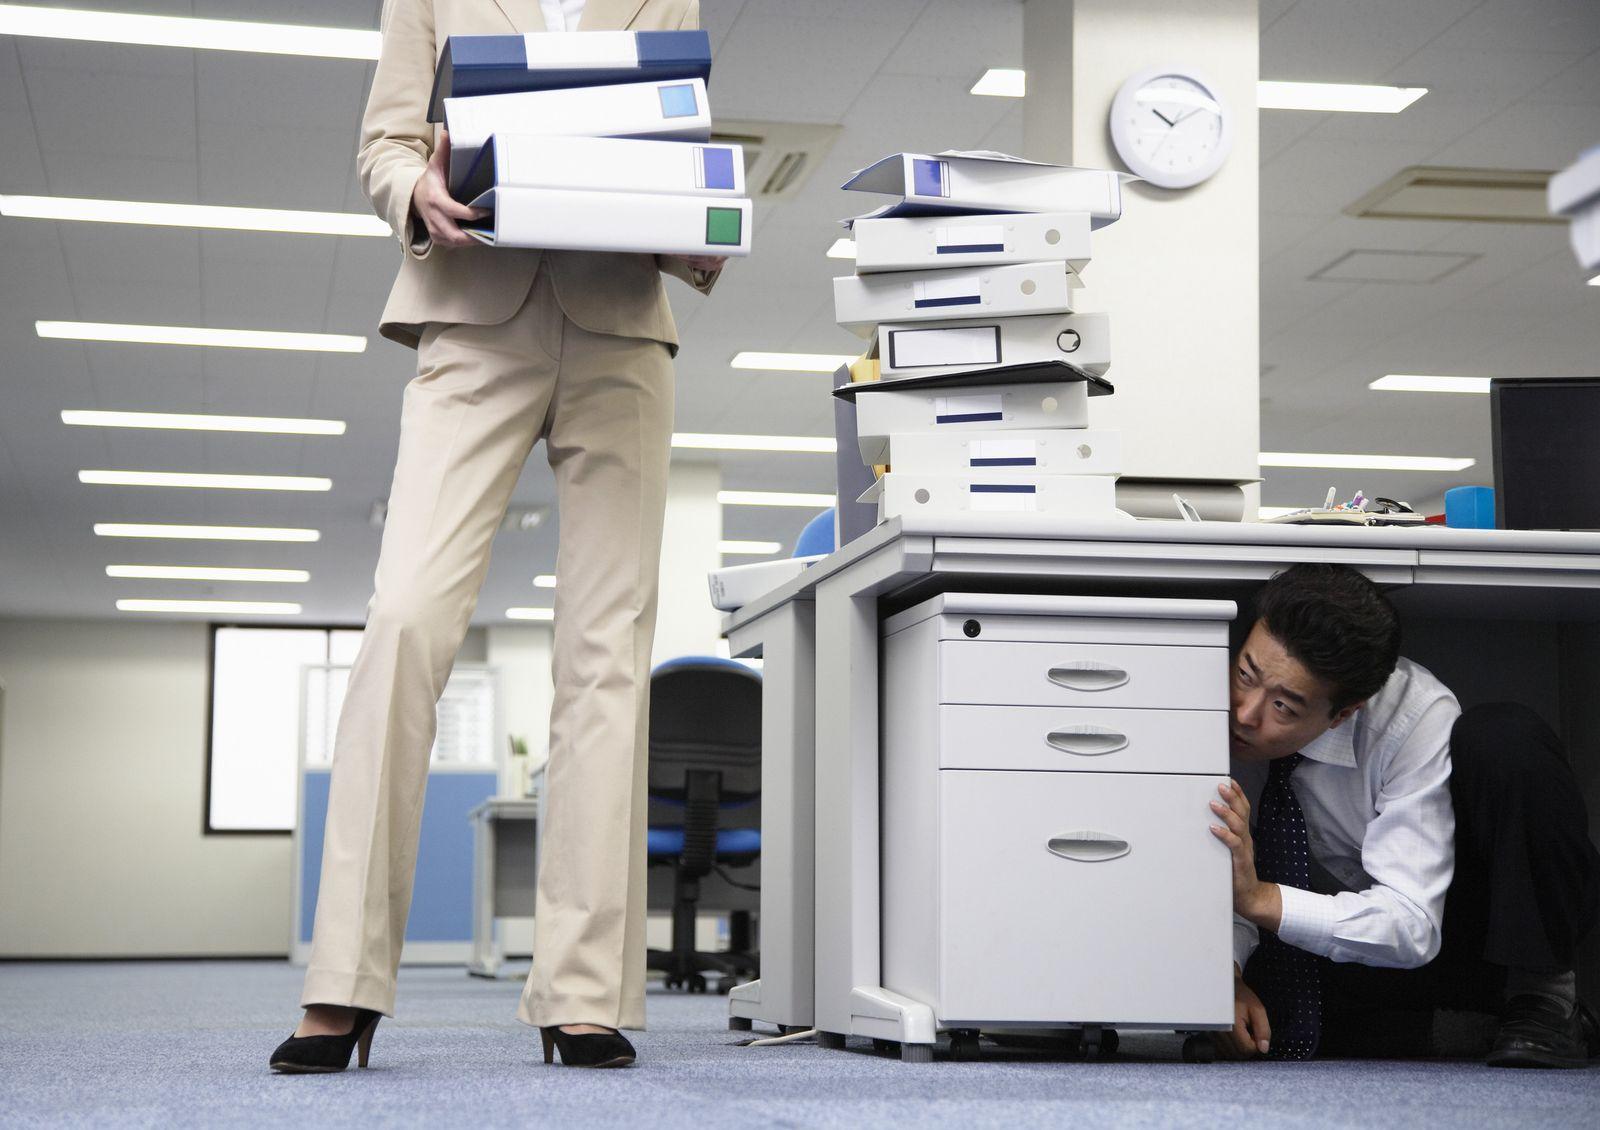 NICHT MEHR VERWENDEN! - EINMALIGE VERWENDUNG KaSP Burnout Büro Überforderung Verstecken SYMBOLBILD